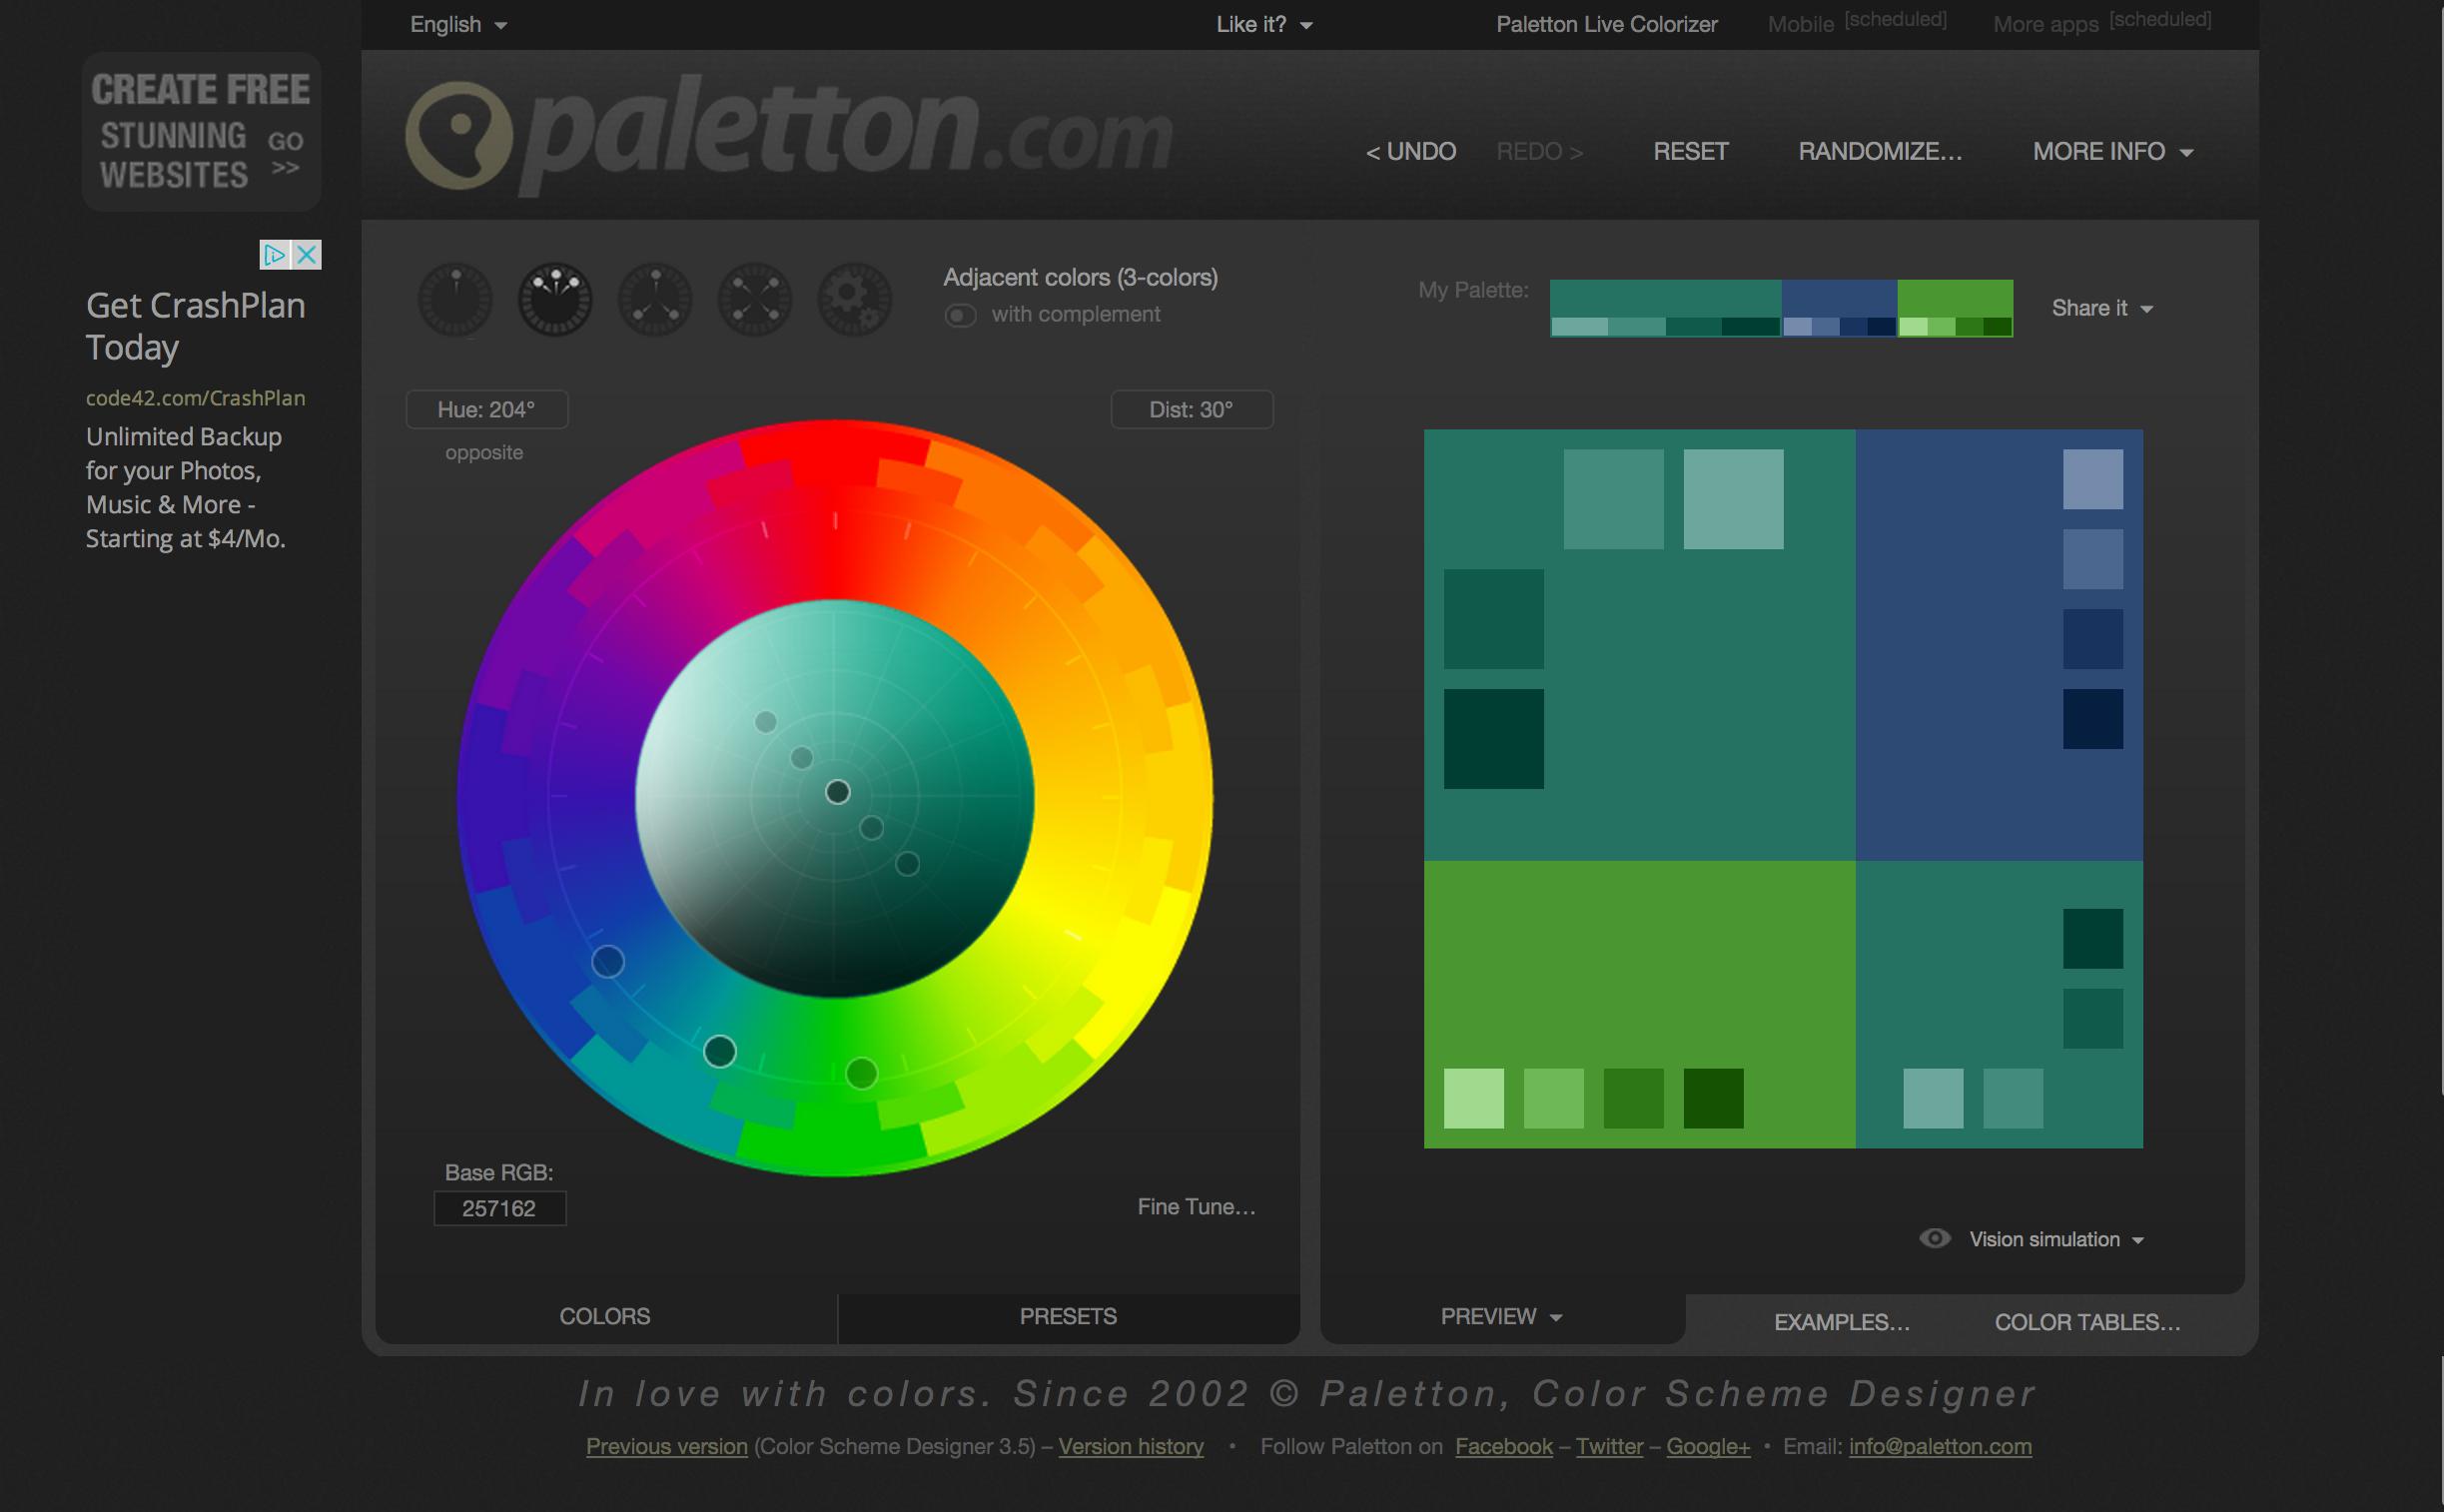 Paletton website